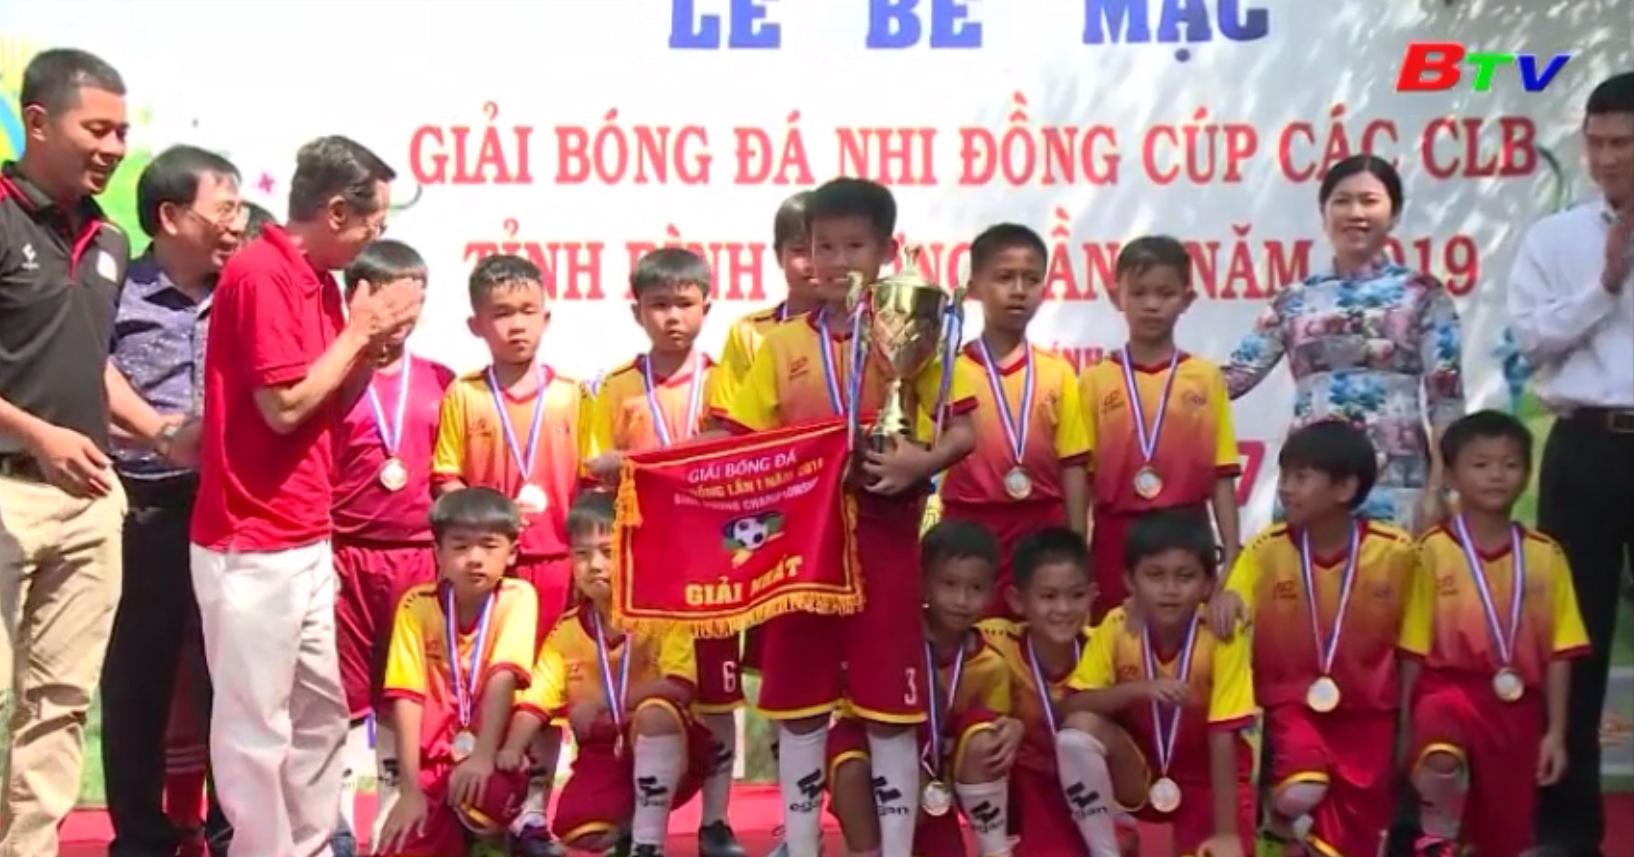 Tổng kết Giải bóng đá Nhi đồng tỉnh Bình Dương lần I năm 2019